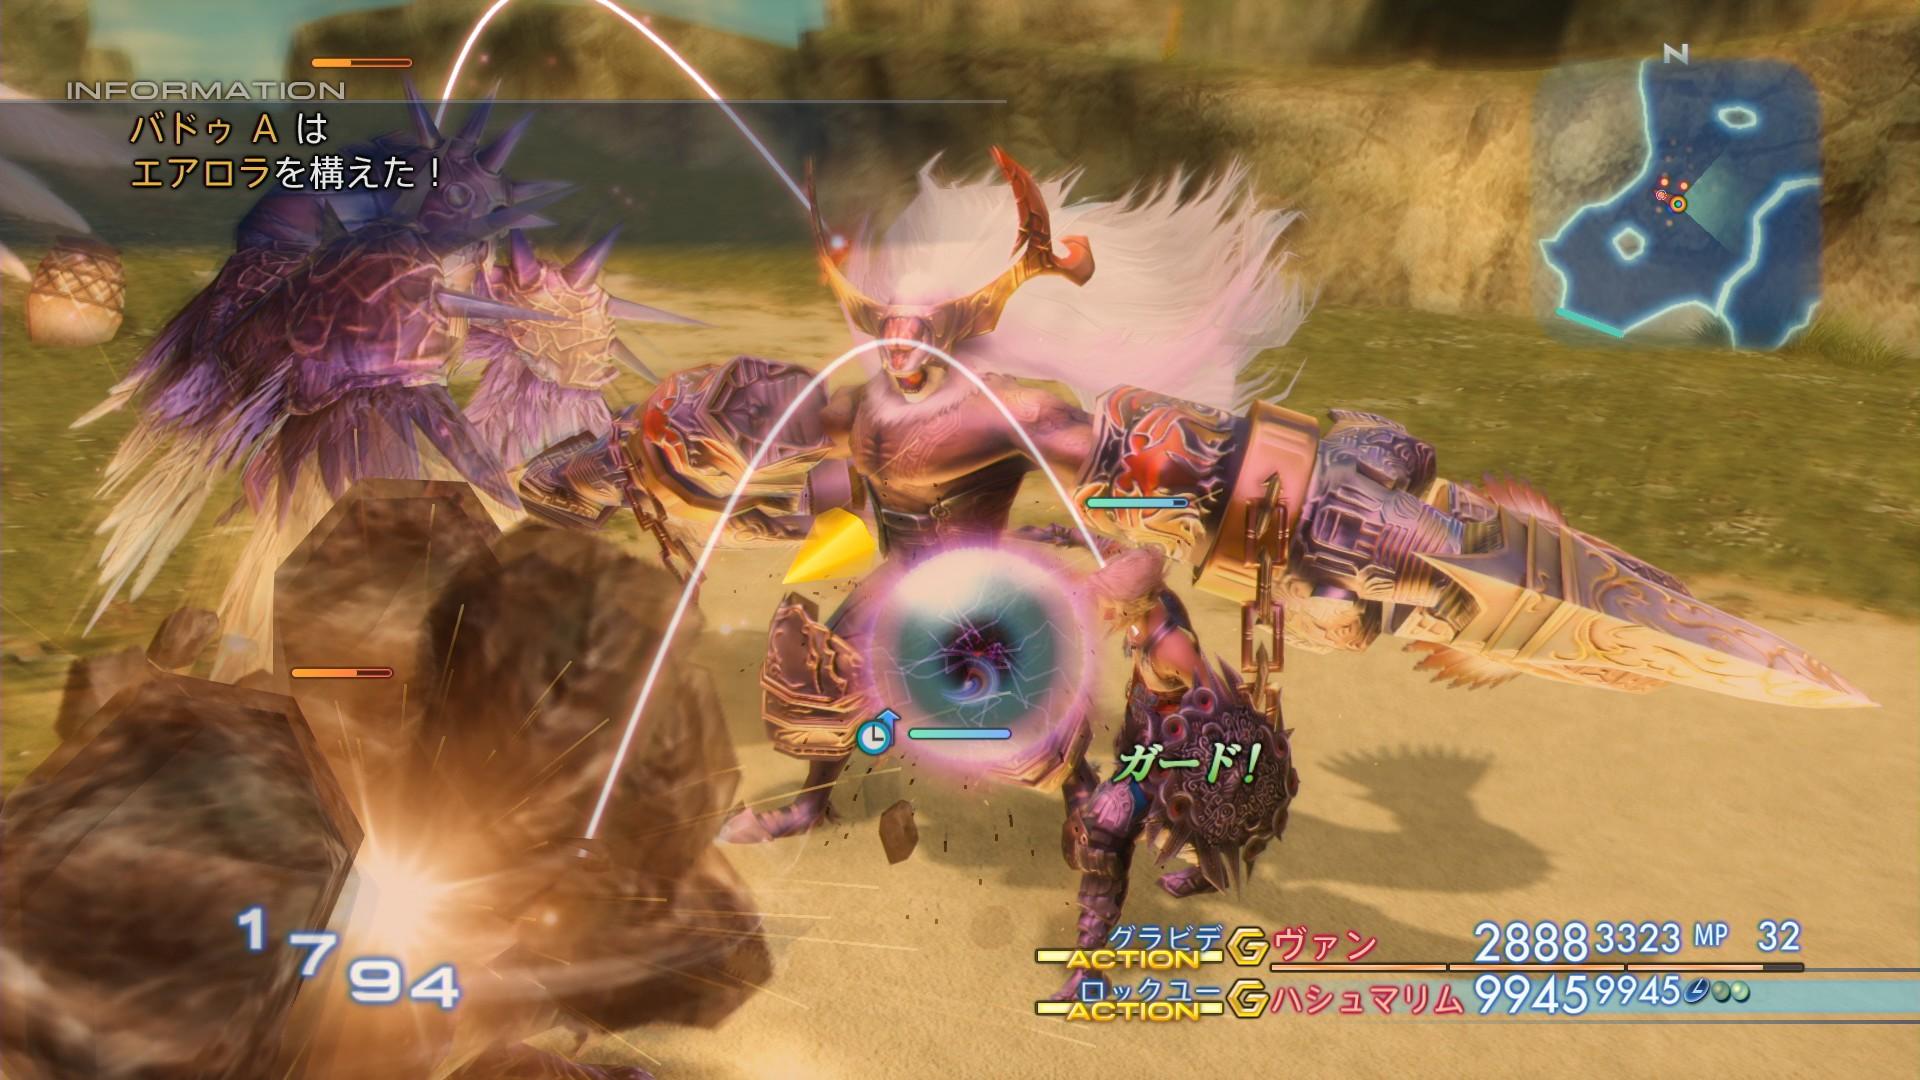 Lov, klany a nepřátelé z Final Fantasy XII: The Zodiac Age na screenshotech 146288